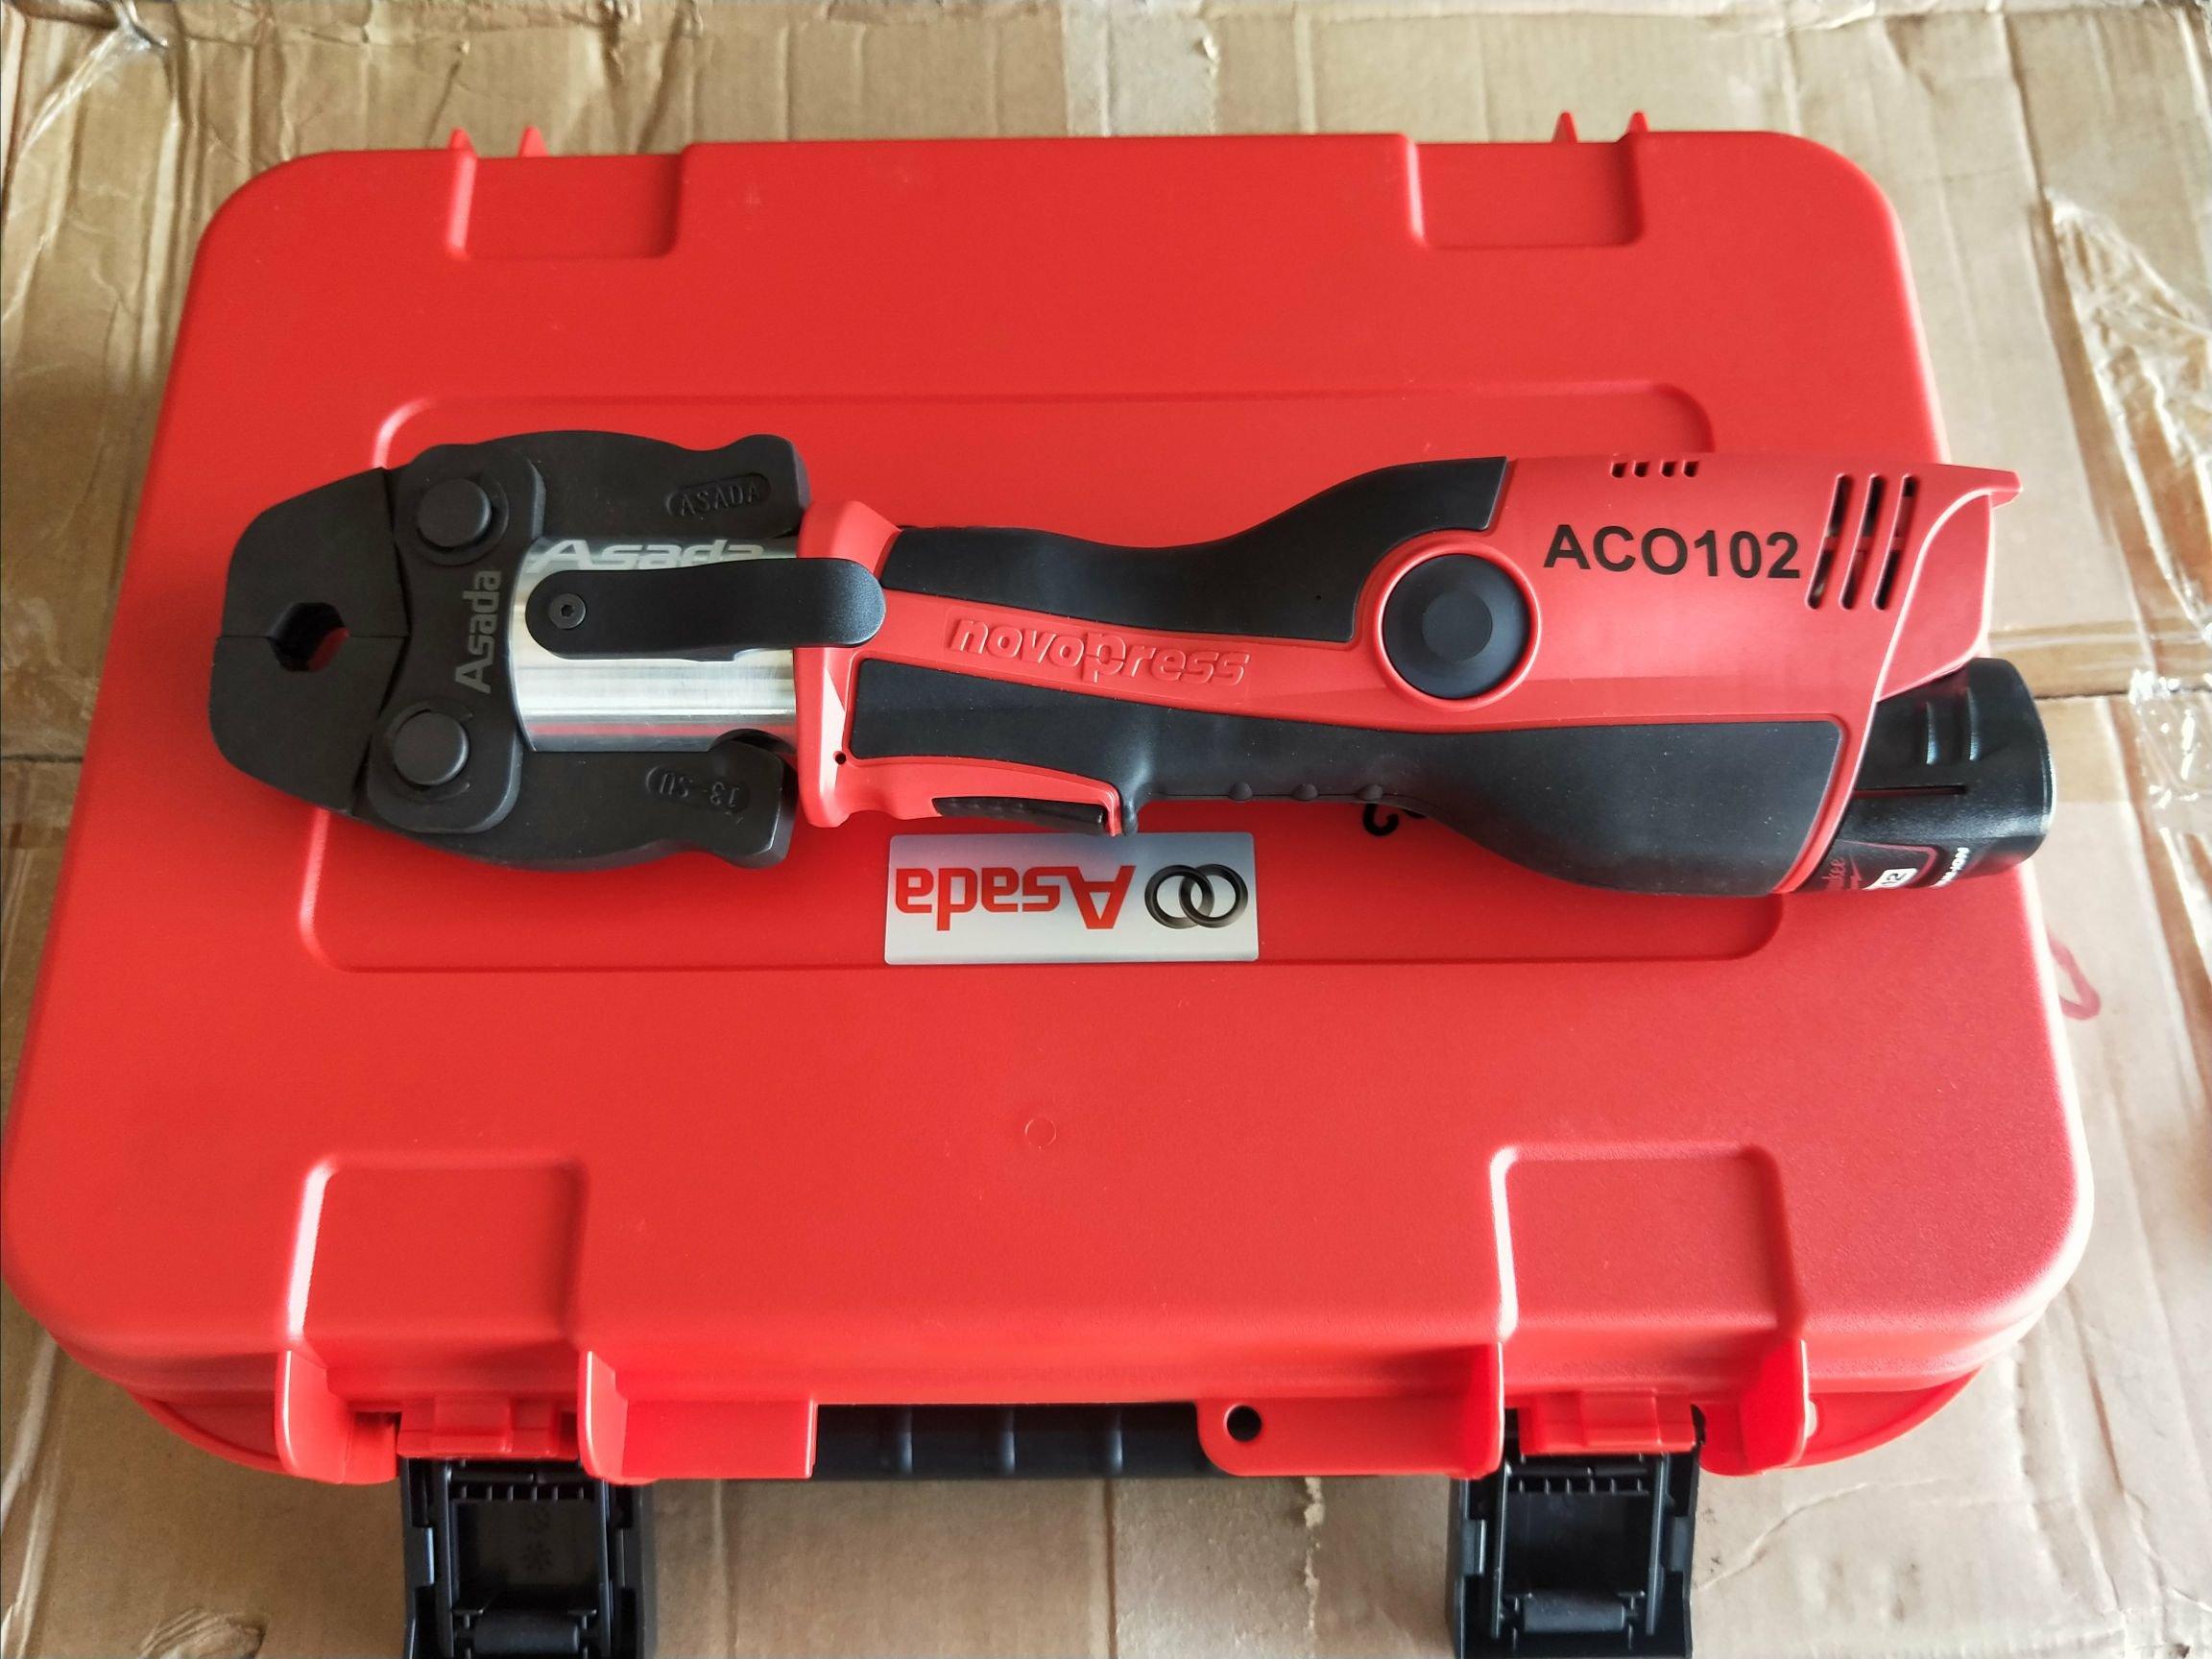 工具醫院 ASADA 淺田 ACO102 novopress 12V 米沃奇 迷你型充電式不銹鋼管壓接機 AC0102 (全配 )特價!!